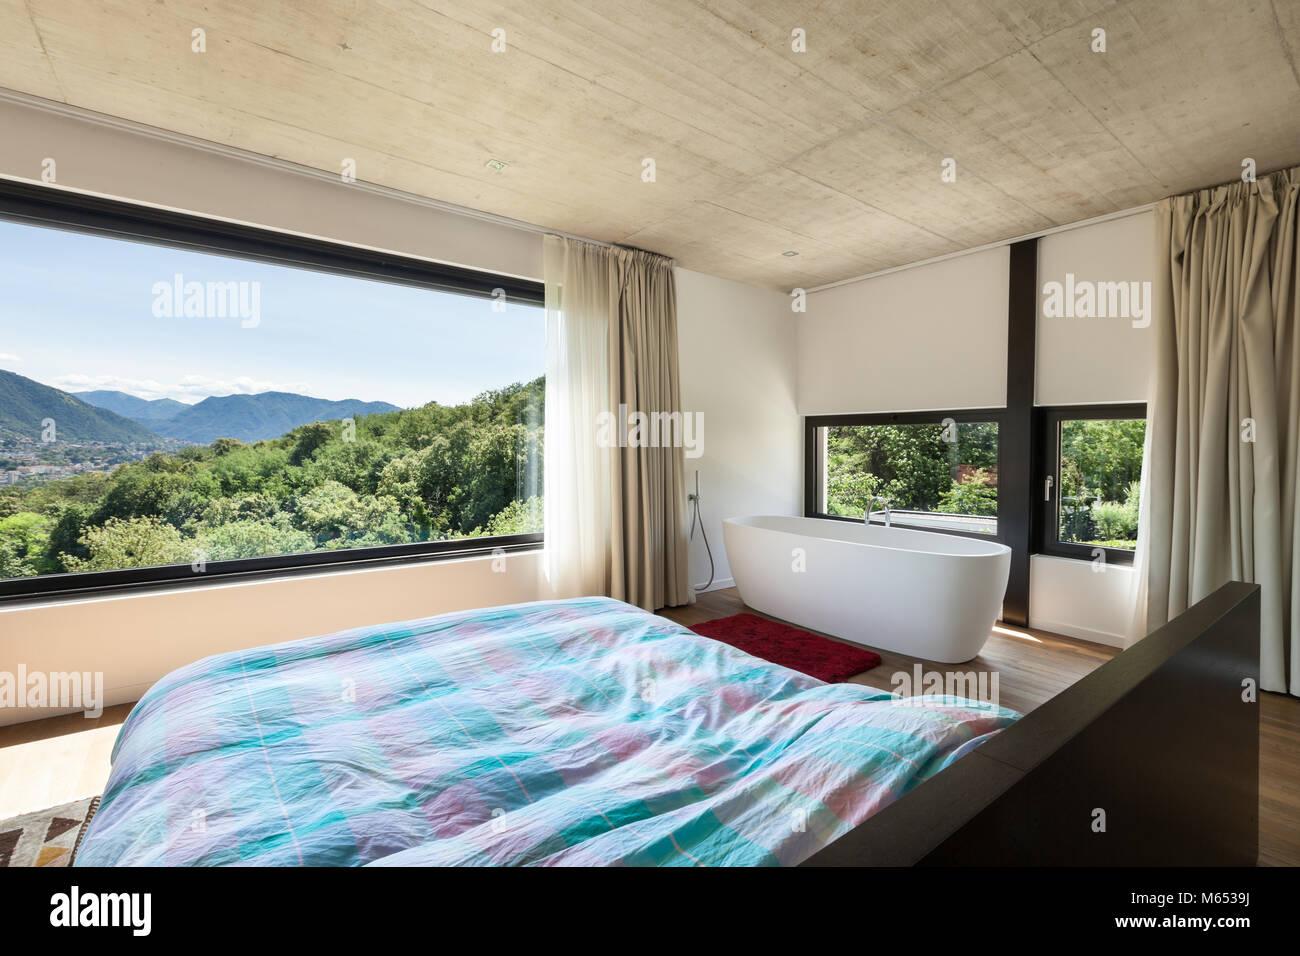 Moderne Villa, Interieur, Schlafzimmer mit Badewanne ...